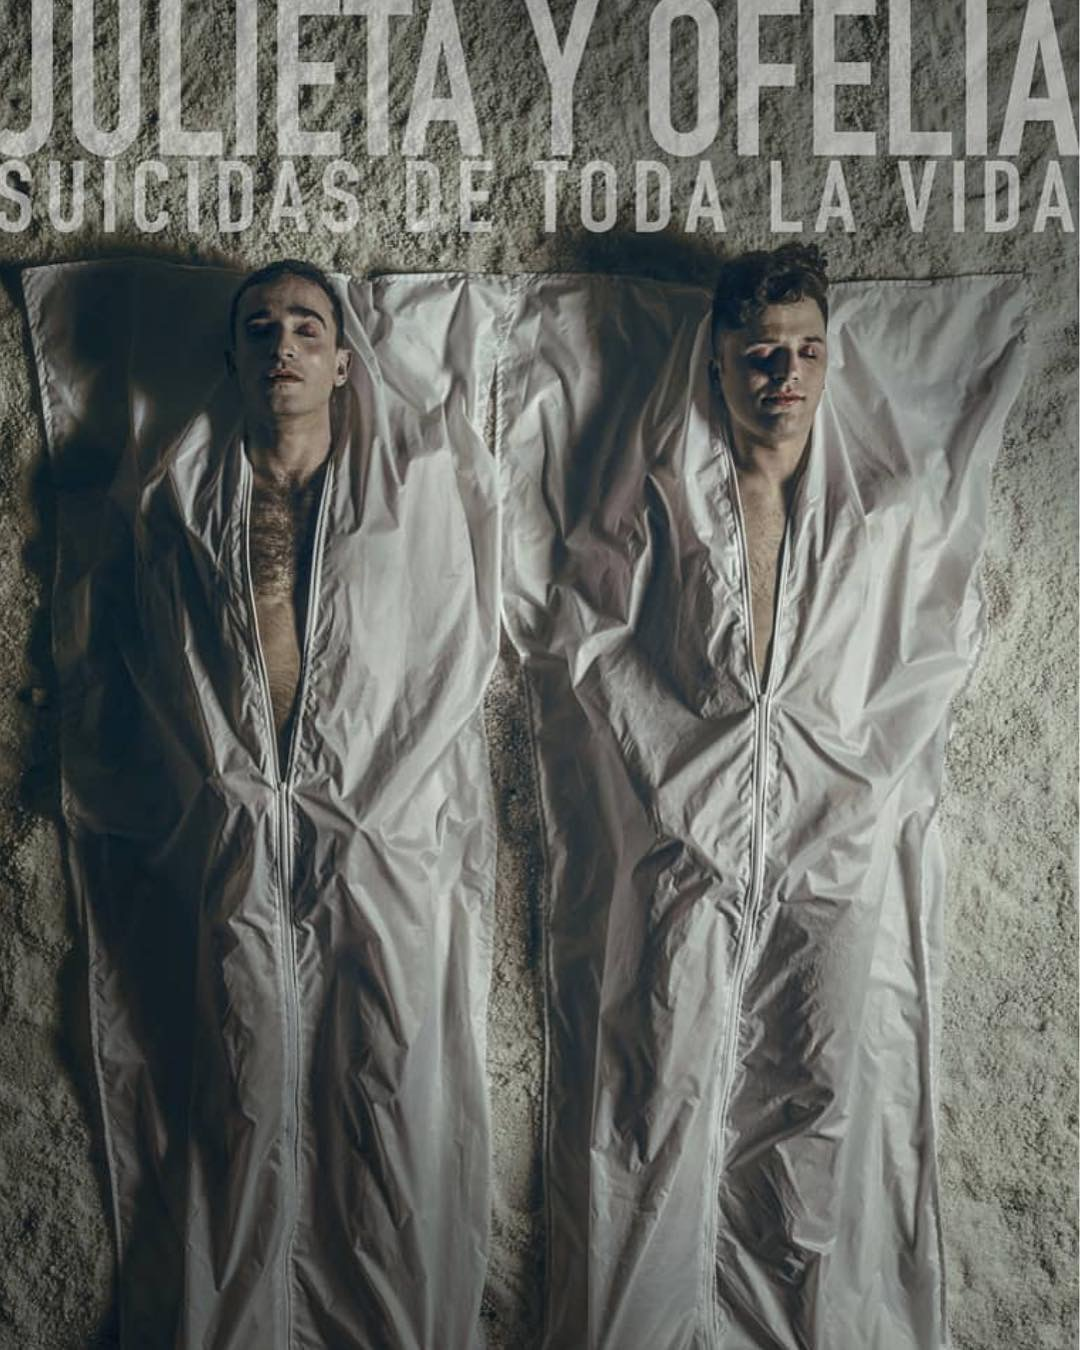 JULIETA & OFELIA. SUICIDAS DE TODA LA VIDA en Nave 73 (Surge Madrid 2018)